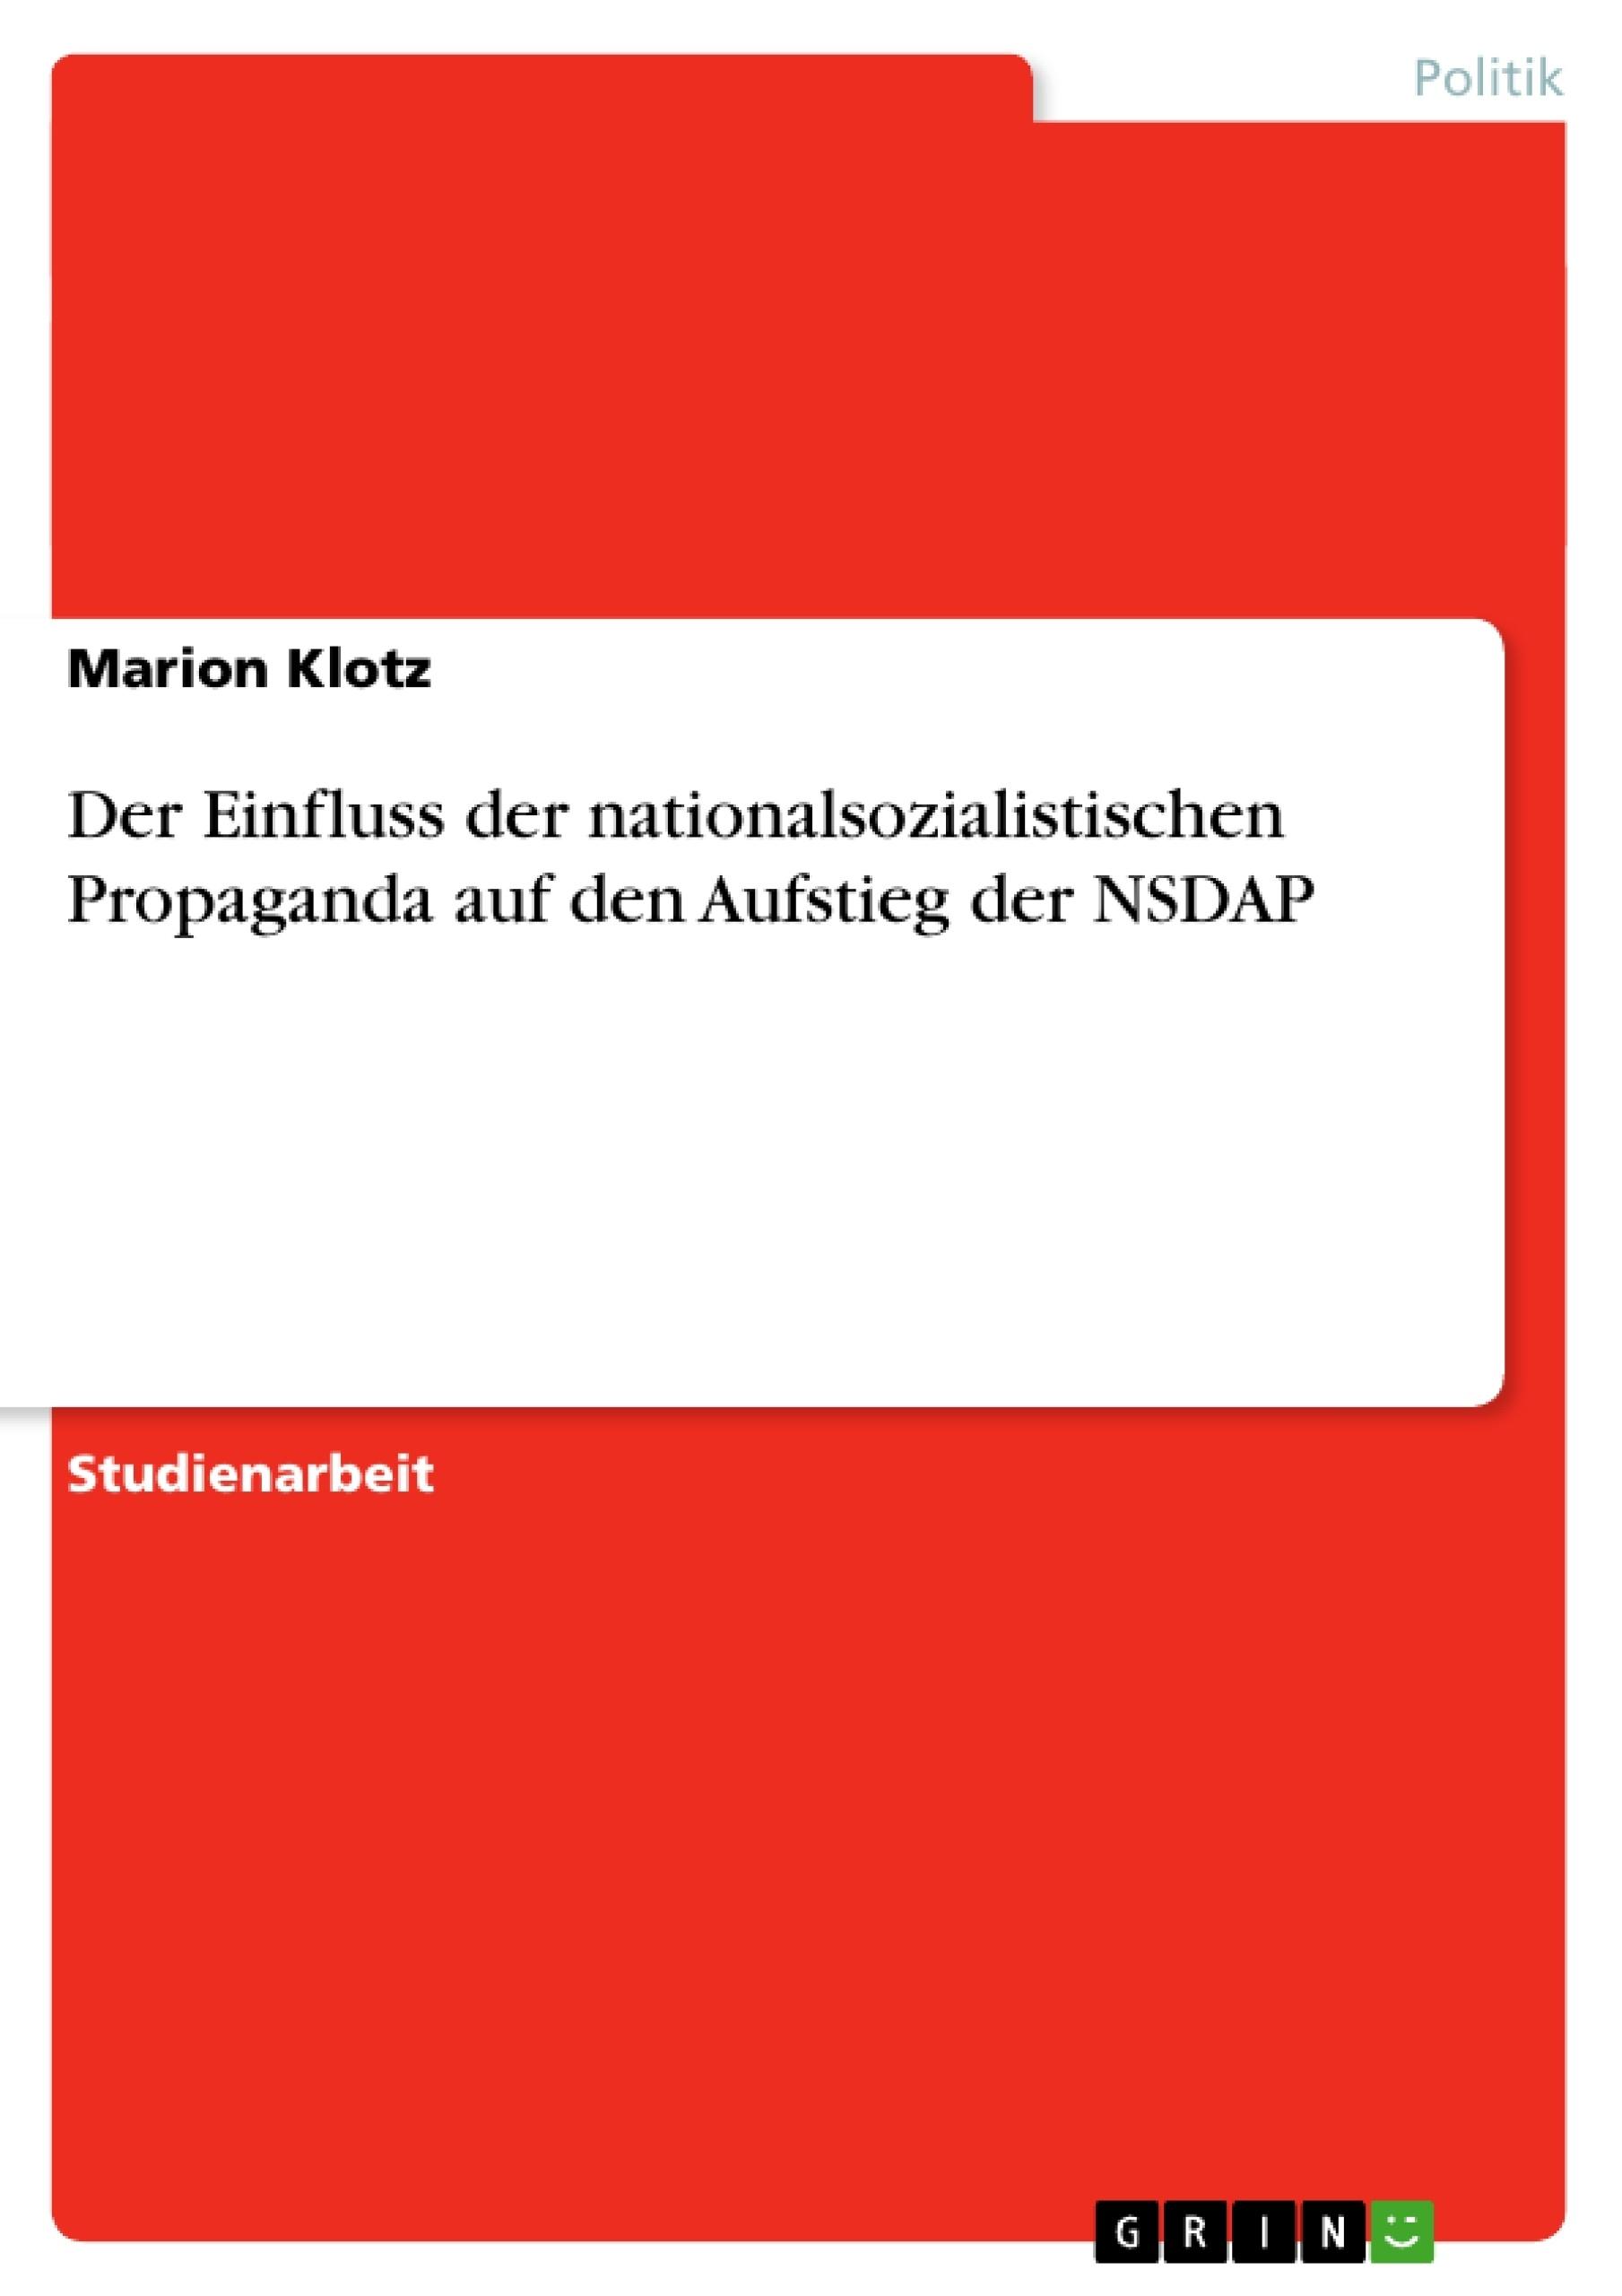 Titel: Der Einfluss der nationalsozialistischen Propaganda auf den Aufstieg der NSDAP